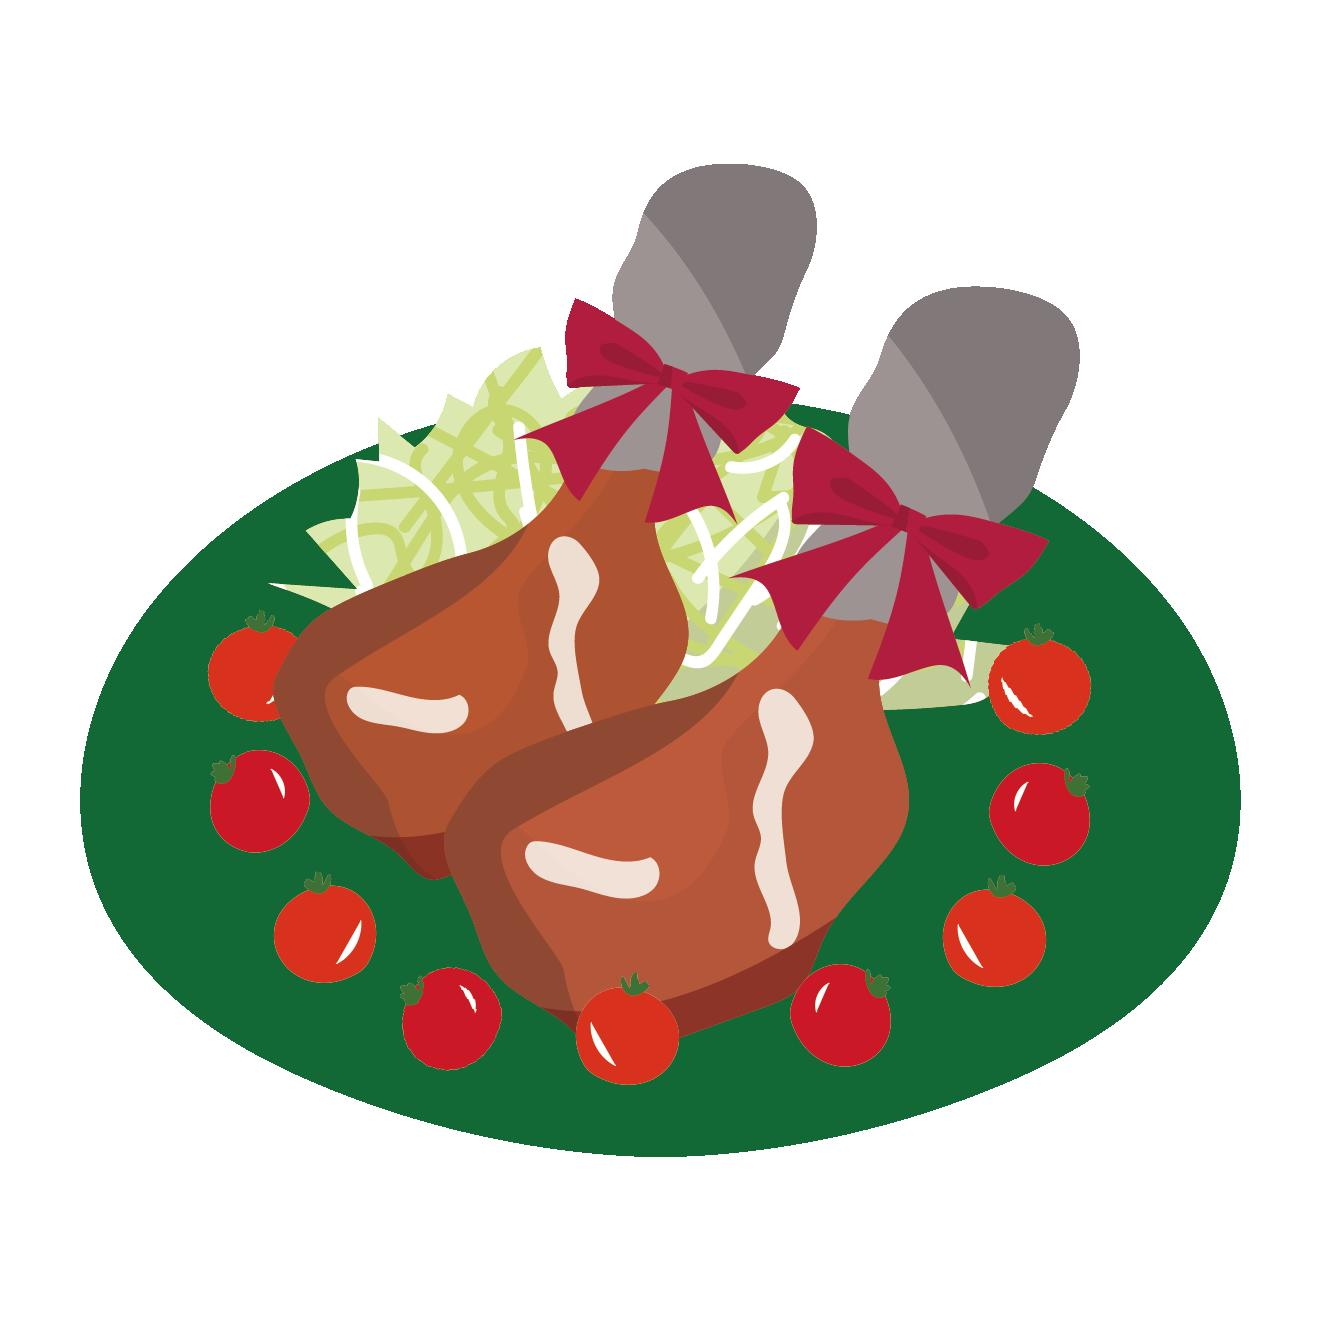 ローストチキン!(鶏肉)のイラスト【クリスマスやお祝いに!】